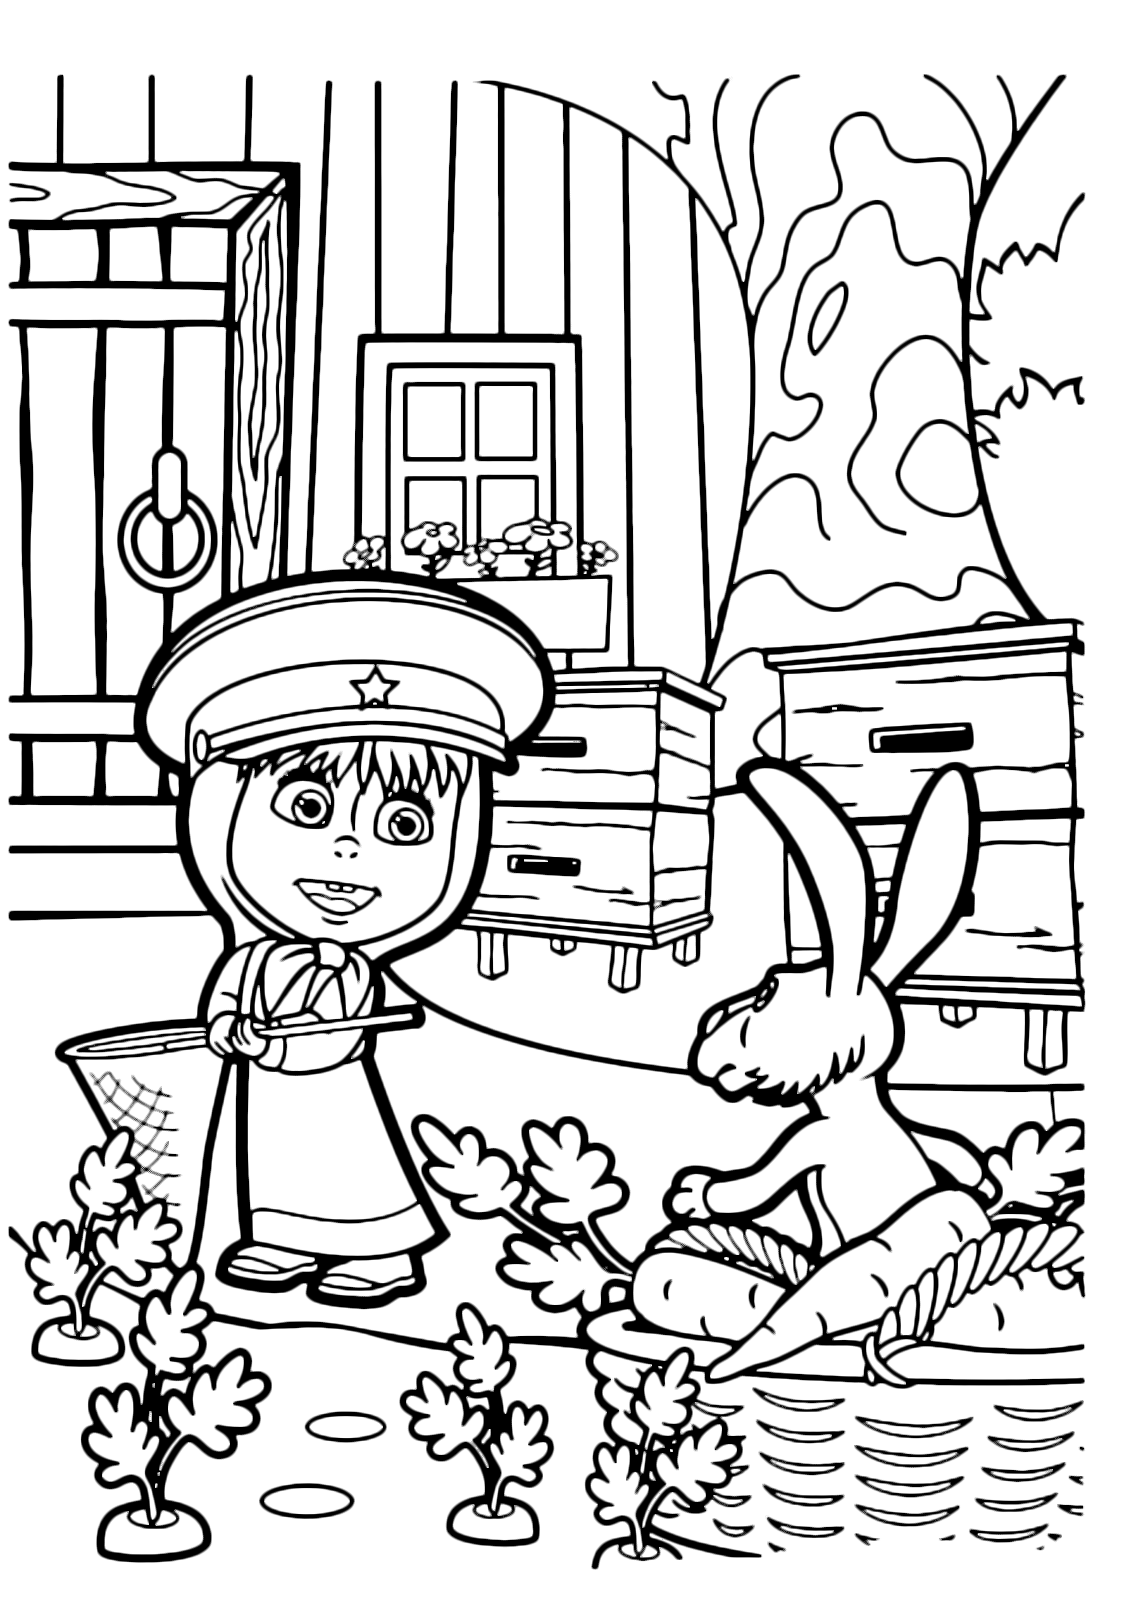 Masha e orso masha parla con coniglio for Masha e orso disegni da colorare